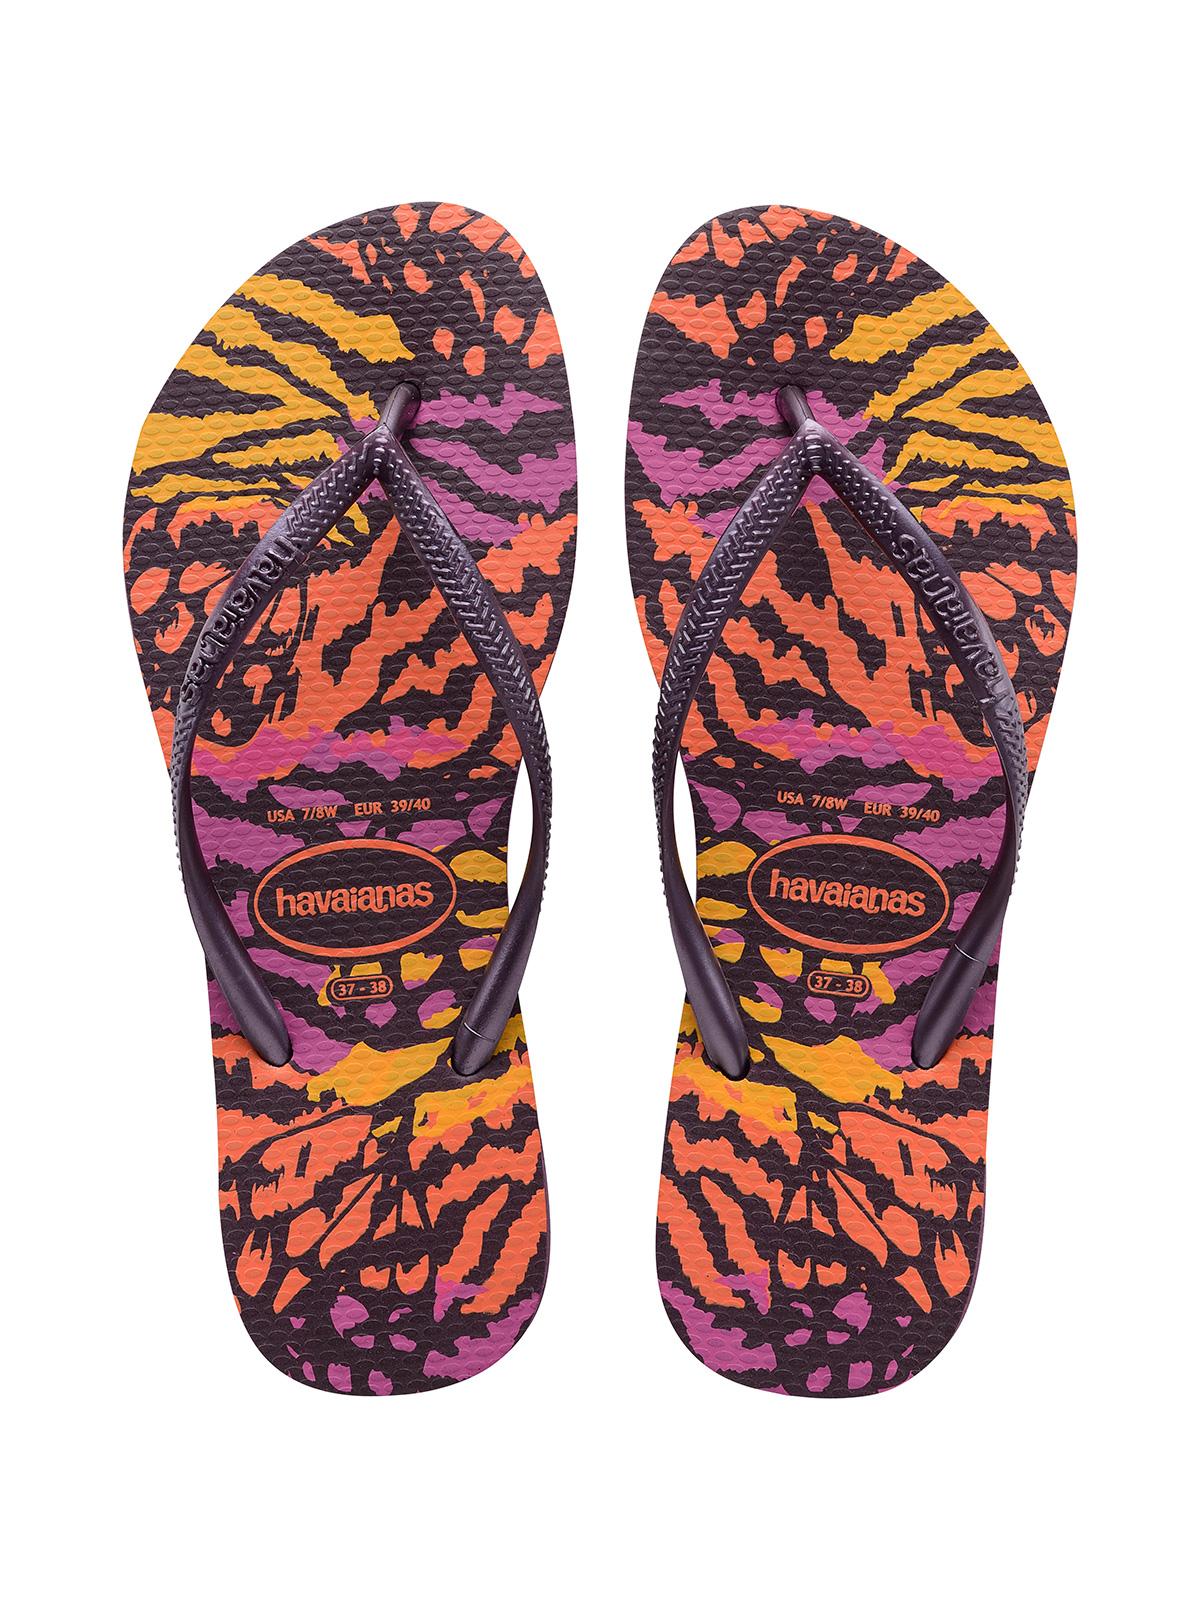 6738d628aaaf Flip-Flops Colorful Animal Print Flip Flops - Slim Animals Aubergine